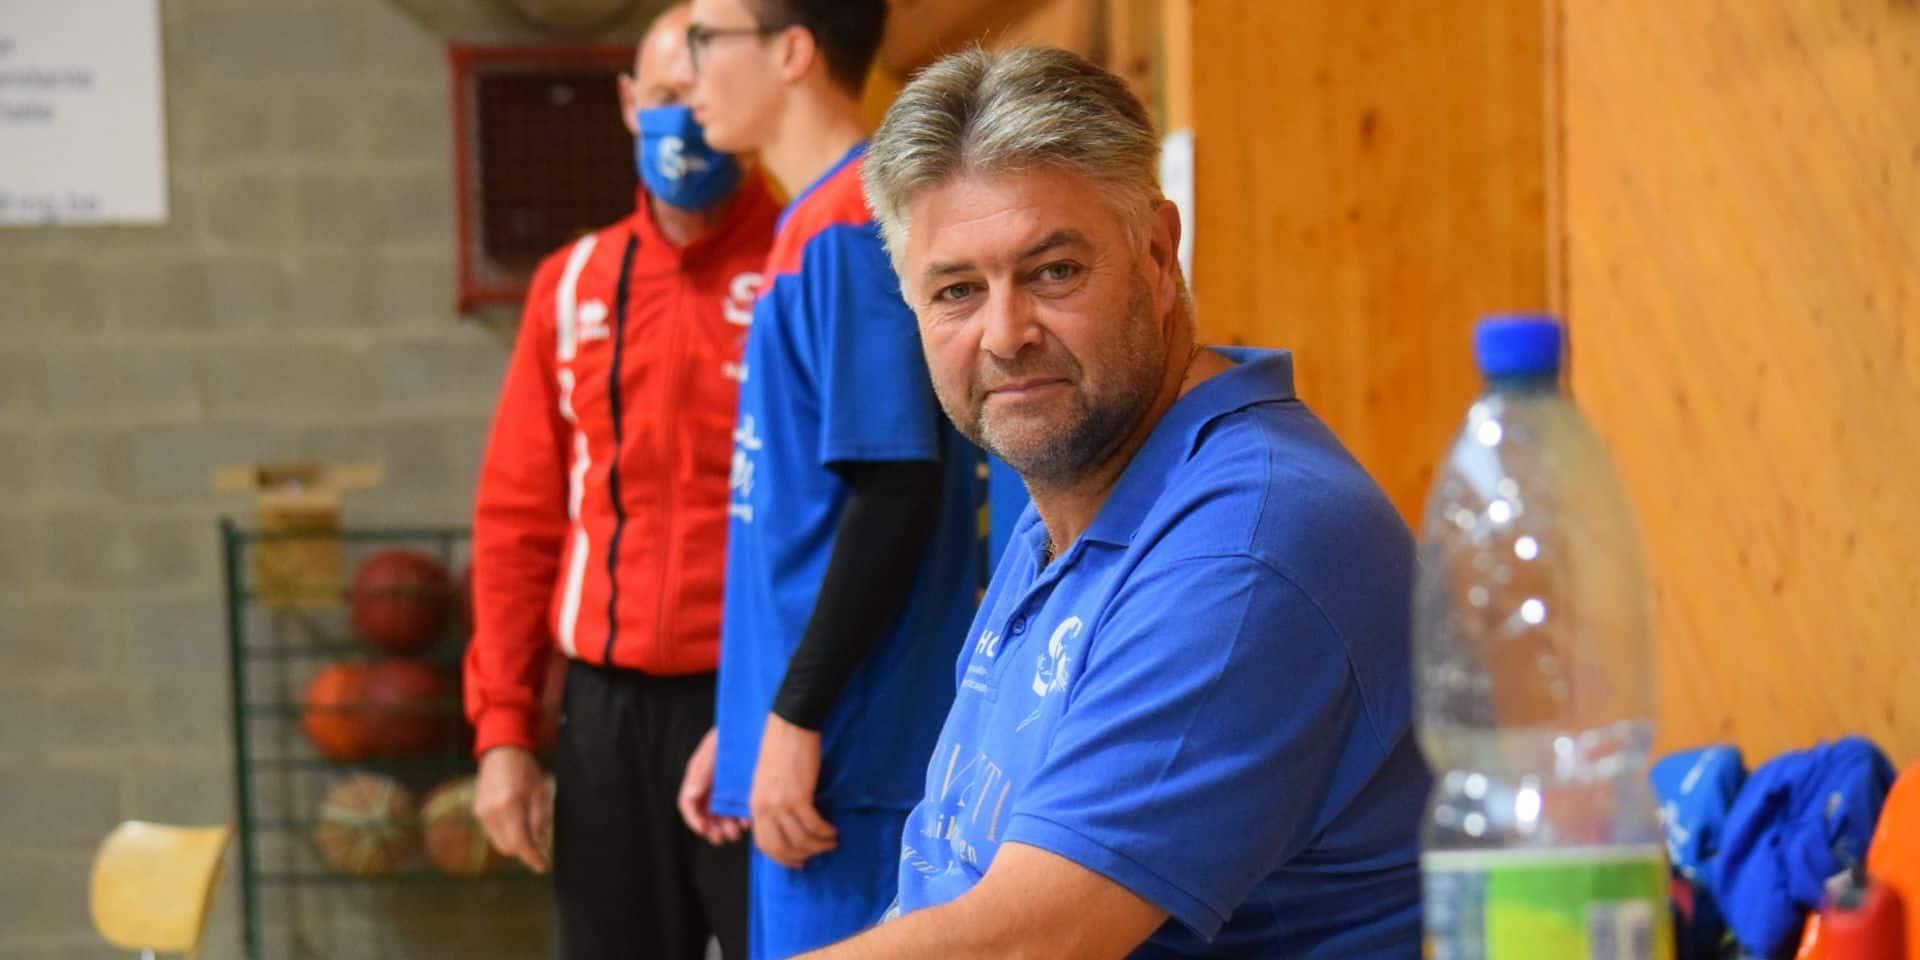 Volley-ball: Stabulois B déclare forfait pour le reste de la saison